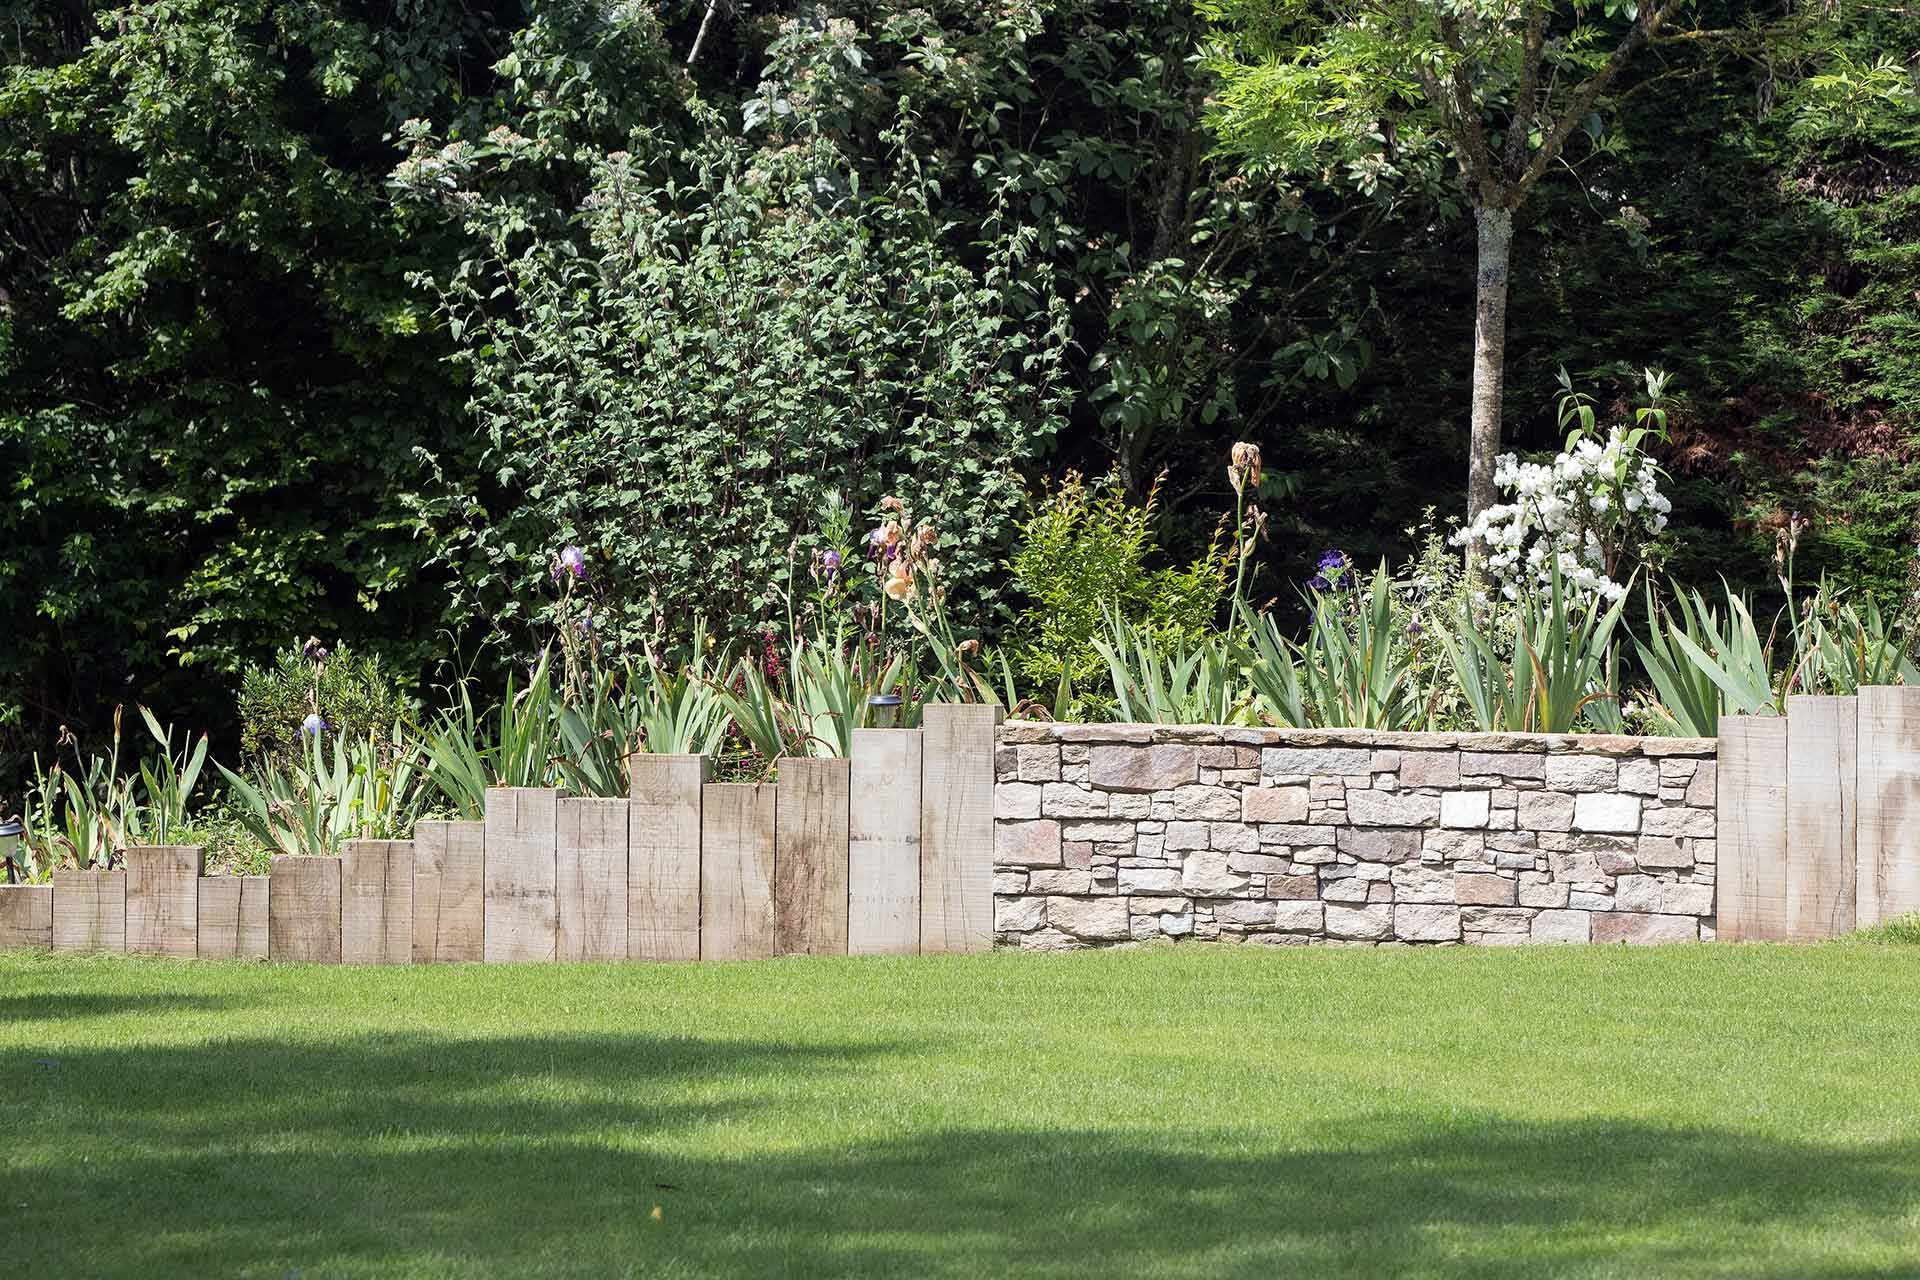 Jardinier paysagiste en Indre-et-loire dans le 37, Serrault Jardins conçoit des allées et accès.